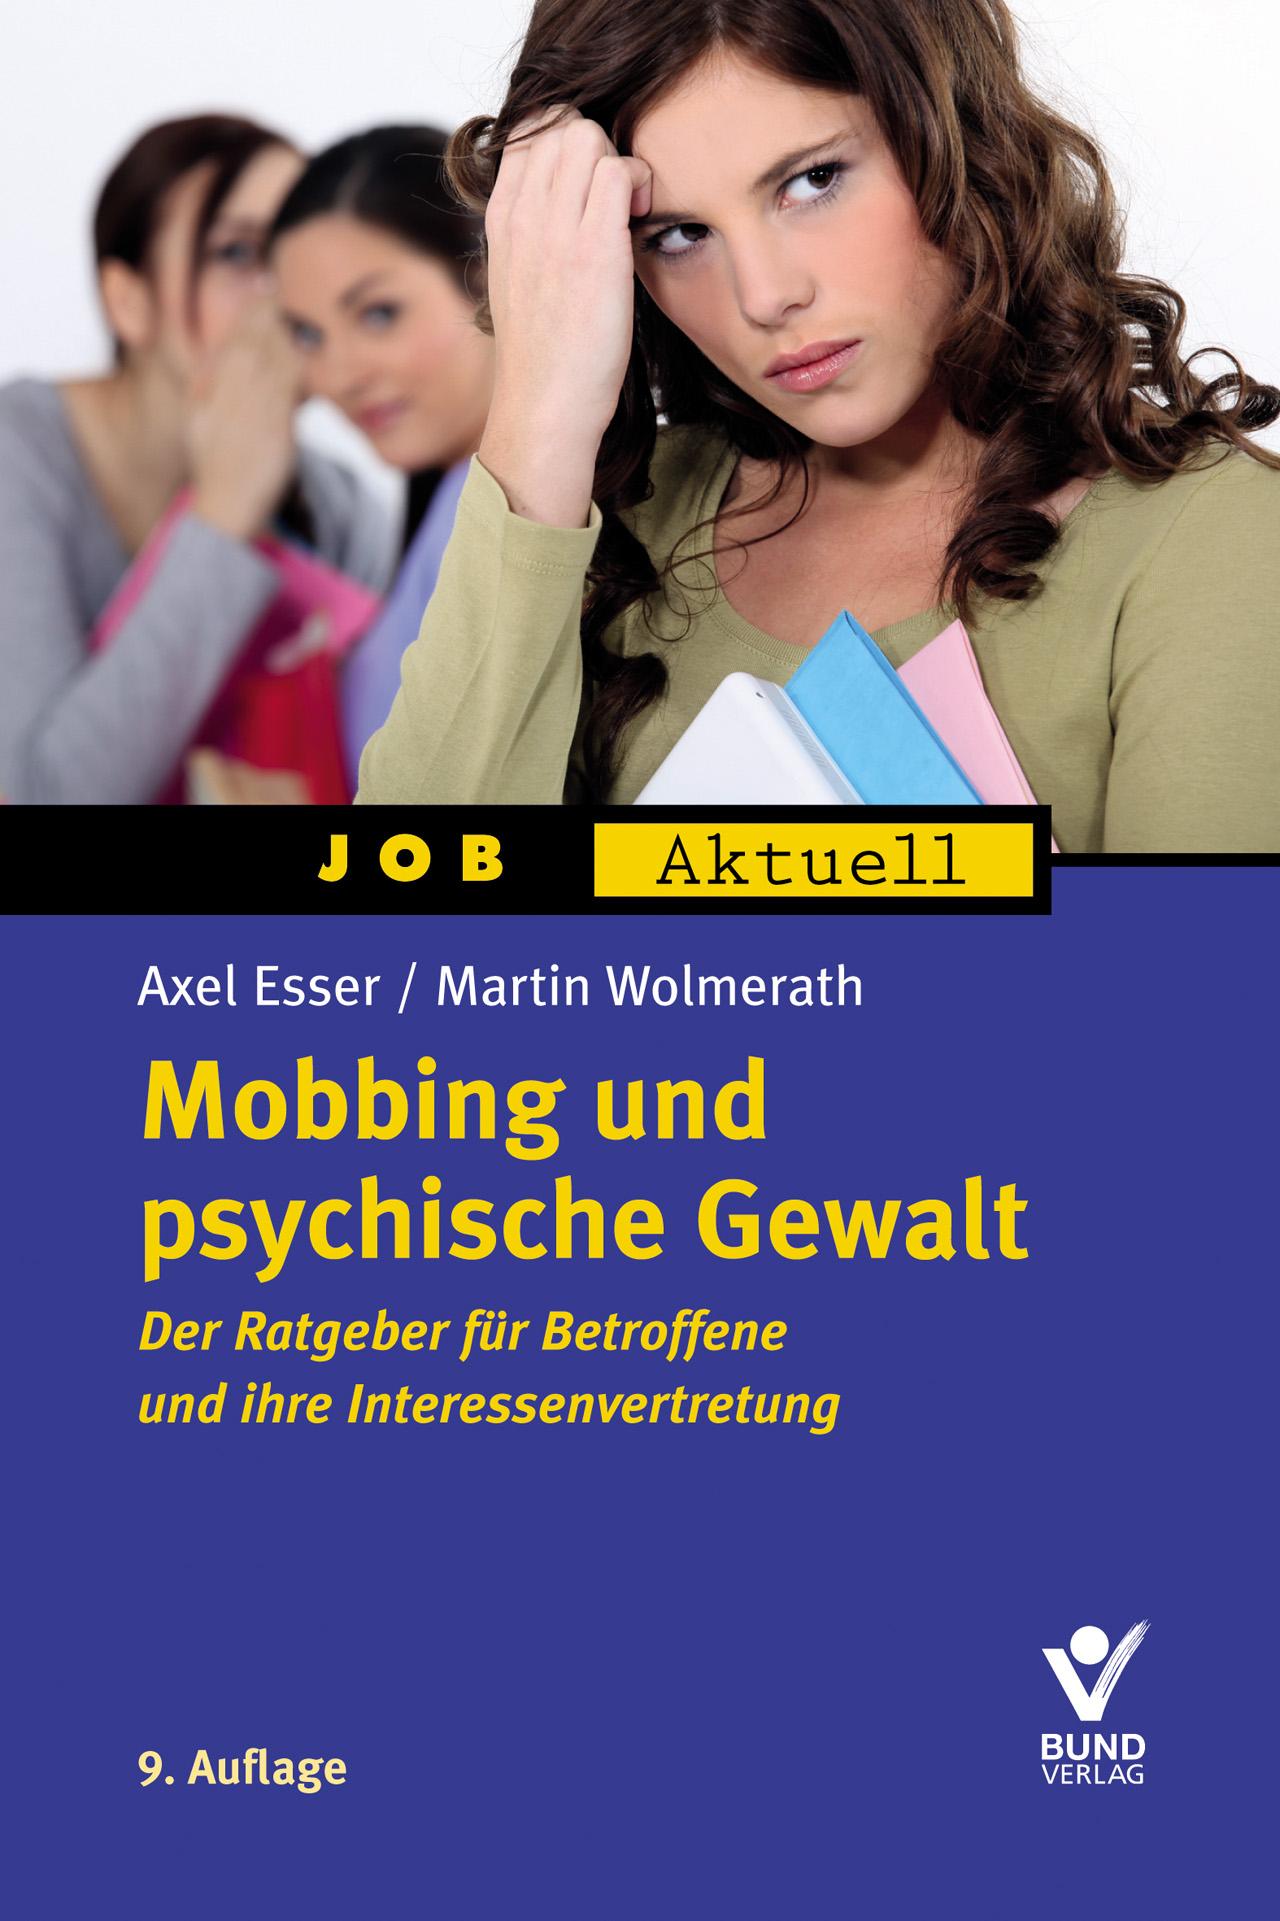 Mobbing und psychische Gewalt - Axel Esser